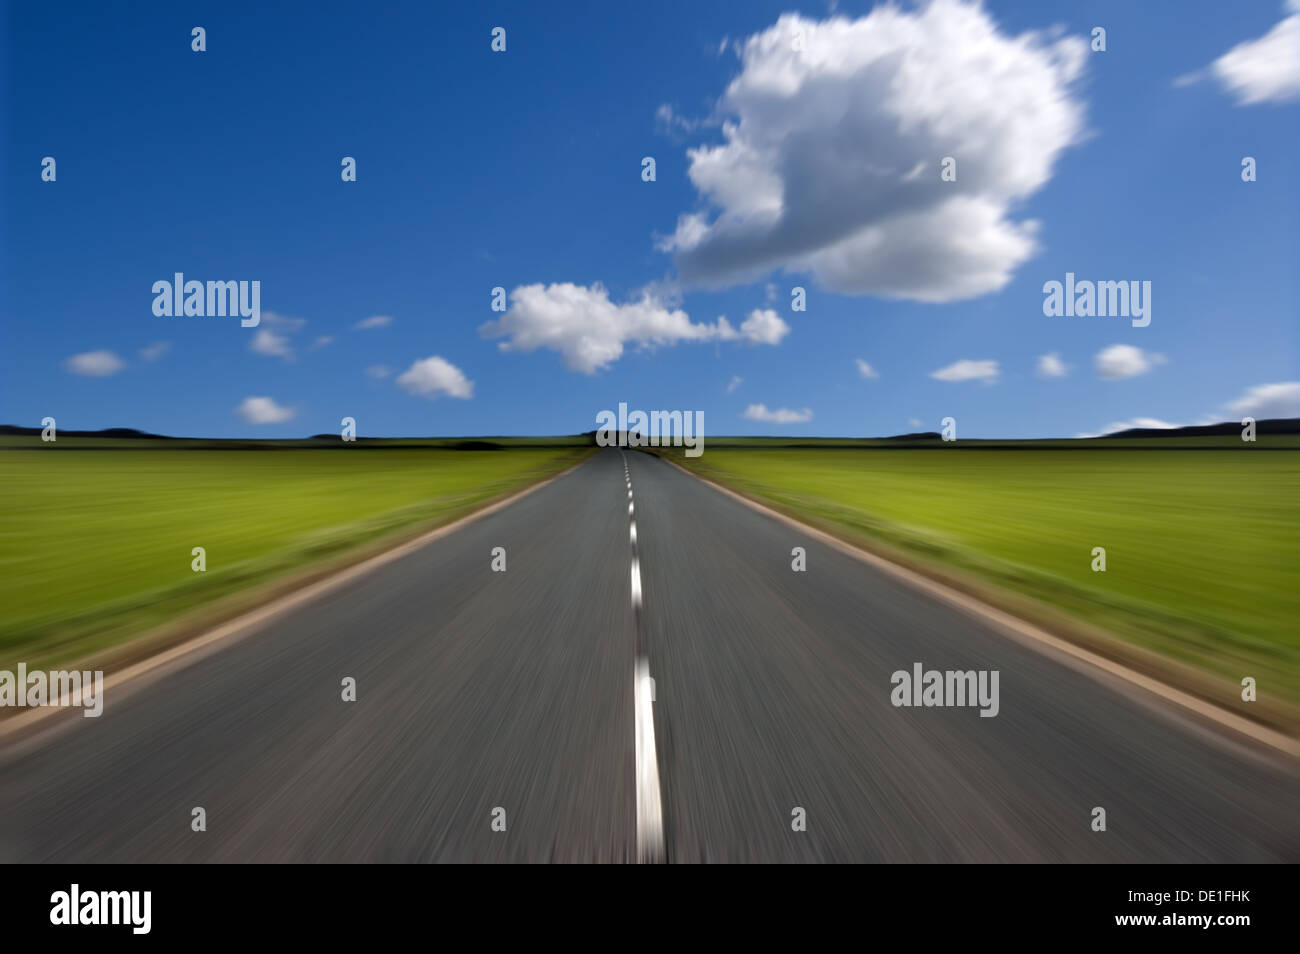 Estiramiento de caminos rurales en la distancia con el desenfoque de movimiento en una gran extensión de cielo azul. Foto de stock